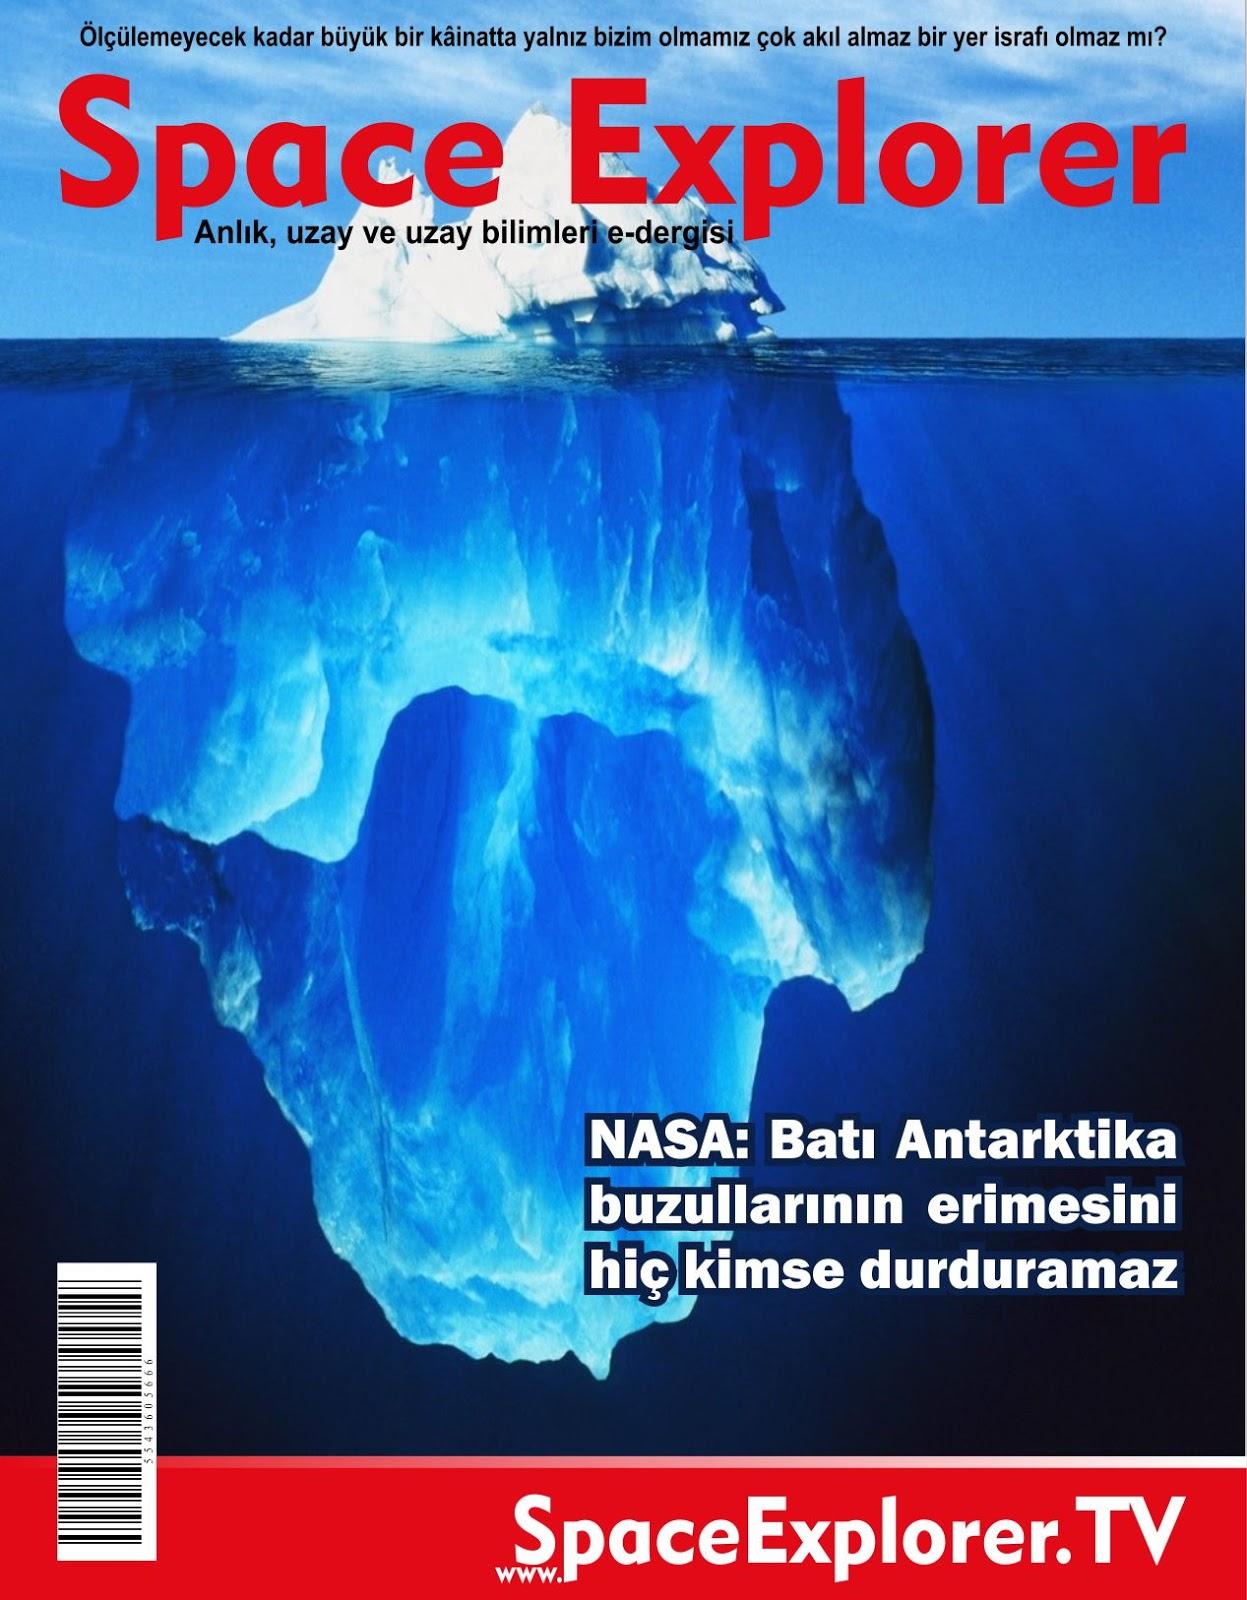 NASA: Batı Antarktika buzullarının erimesini hiç kimse durduramaz